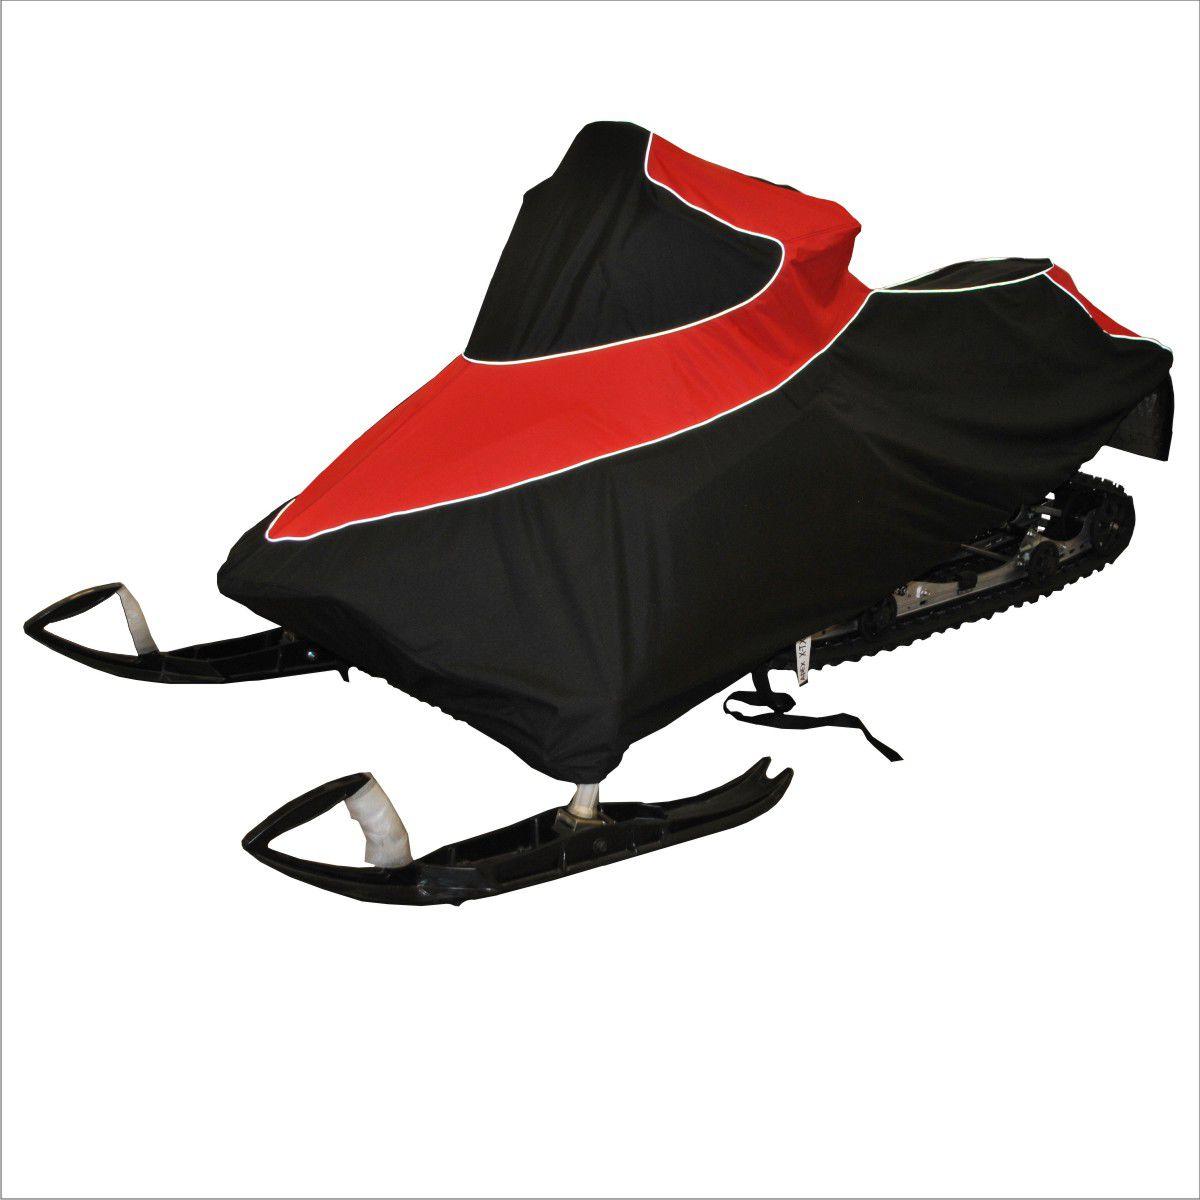 Чехол транспортировочный AG-brand для снегохода Yamaha Apex X-TX, цвет: черный, красныйAG-YAM-SMB-Apex-TCЧехол для транспортировки изготовлен из высокопрочной ткани с водоотталкивающей пропиткой. Чехол имеет светоотражающий кант для улучшения видимости в темноте. Резинки в передней и задней части чехла позволяют быстро и легко одеть чехол на технику. Чехол крепится к снегоходу в трех местах при помощи утягивающих строп (входят в комплект). Чехол закрывает снегоход вместе с амортизаторами и имеет клапана для выхода избыточного давления воздуха. На чехле установлена молния для быстрого доступа к заливной горловине бака.